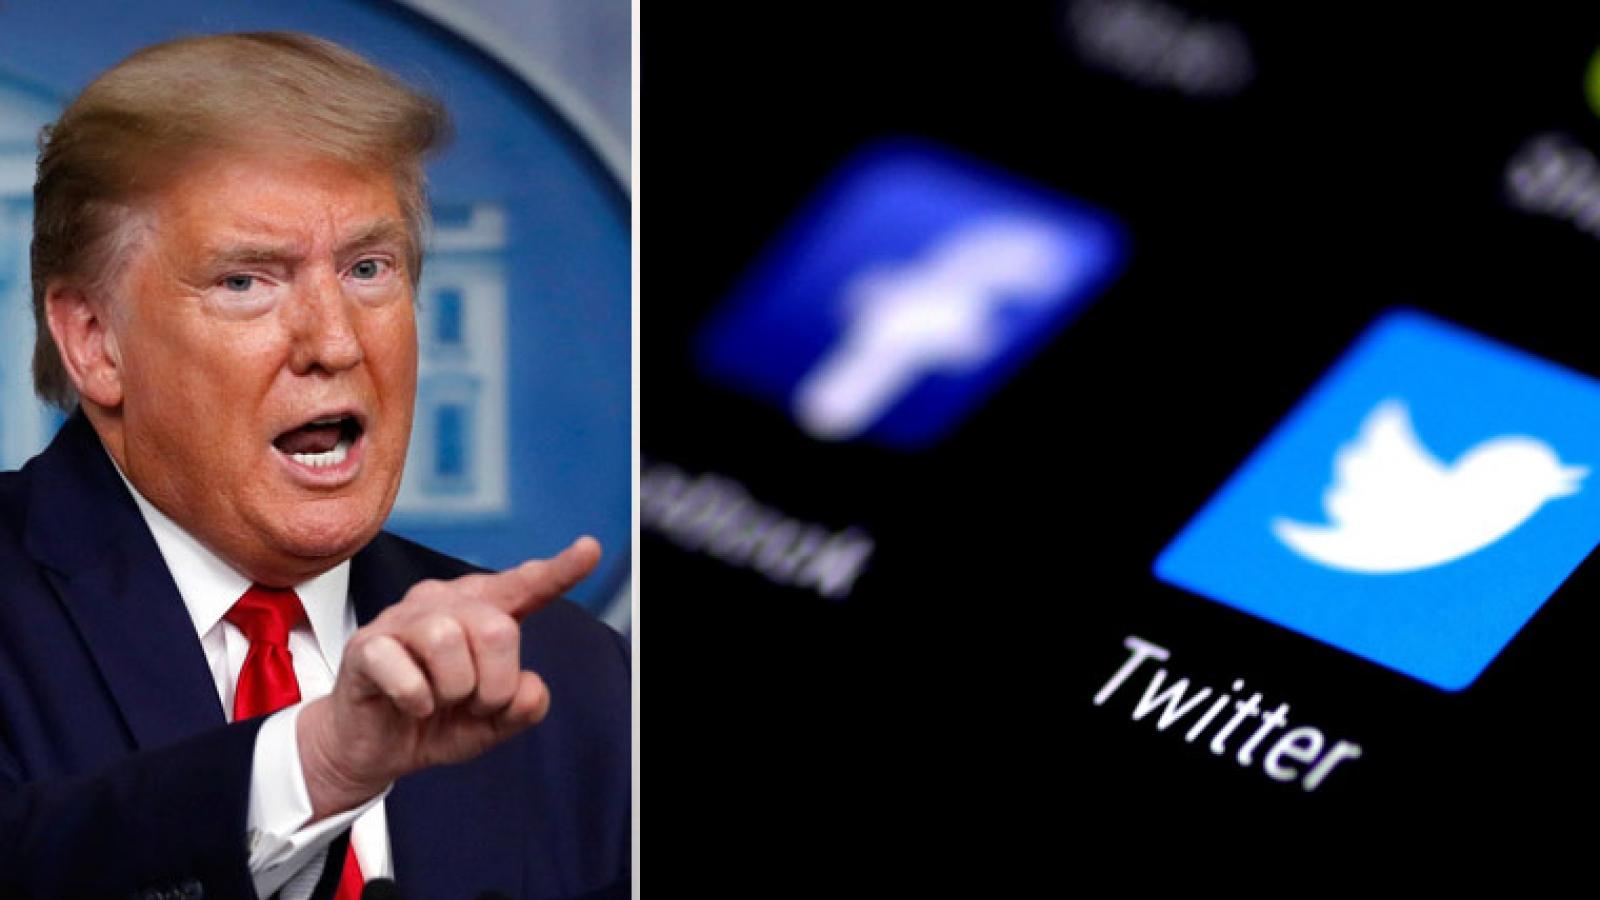 """Sau Twitter, các nền tảng xã hội lớn tiếp tục ngăn """"cuộc chơi"""" của ông Donald Trump"""